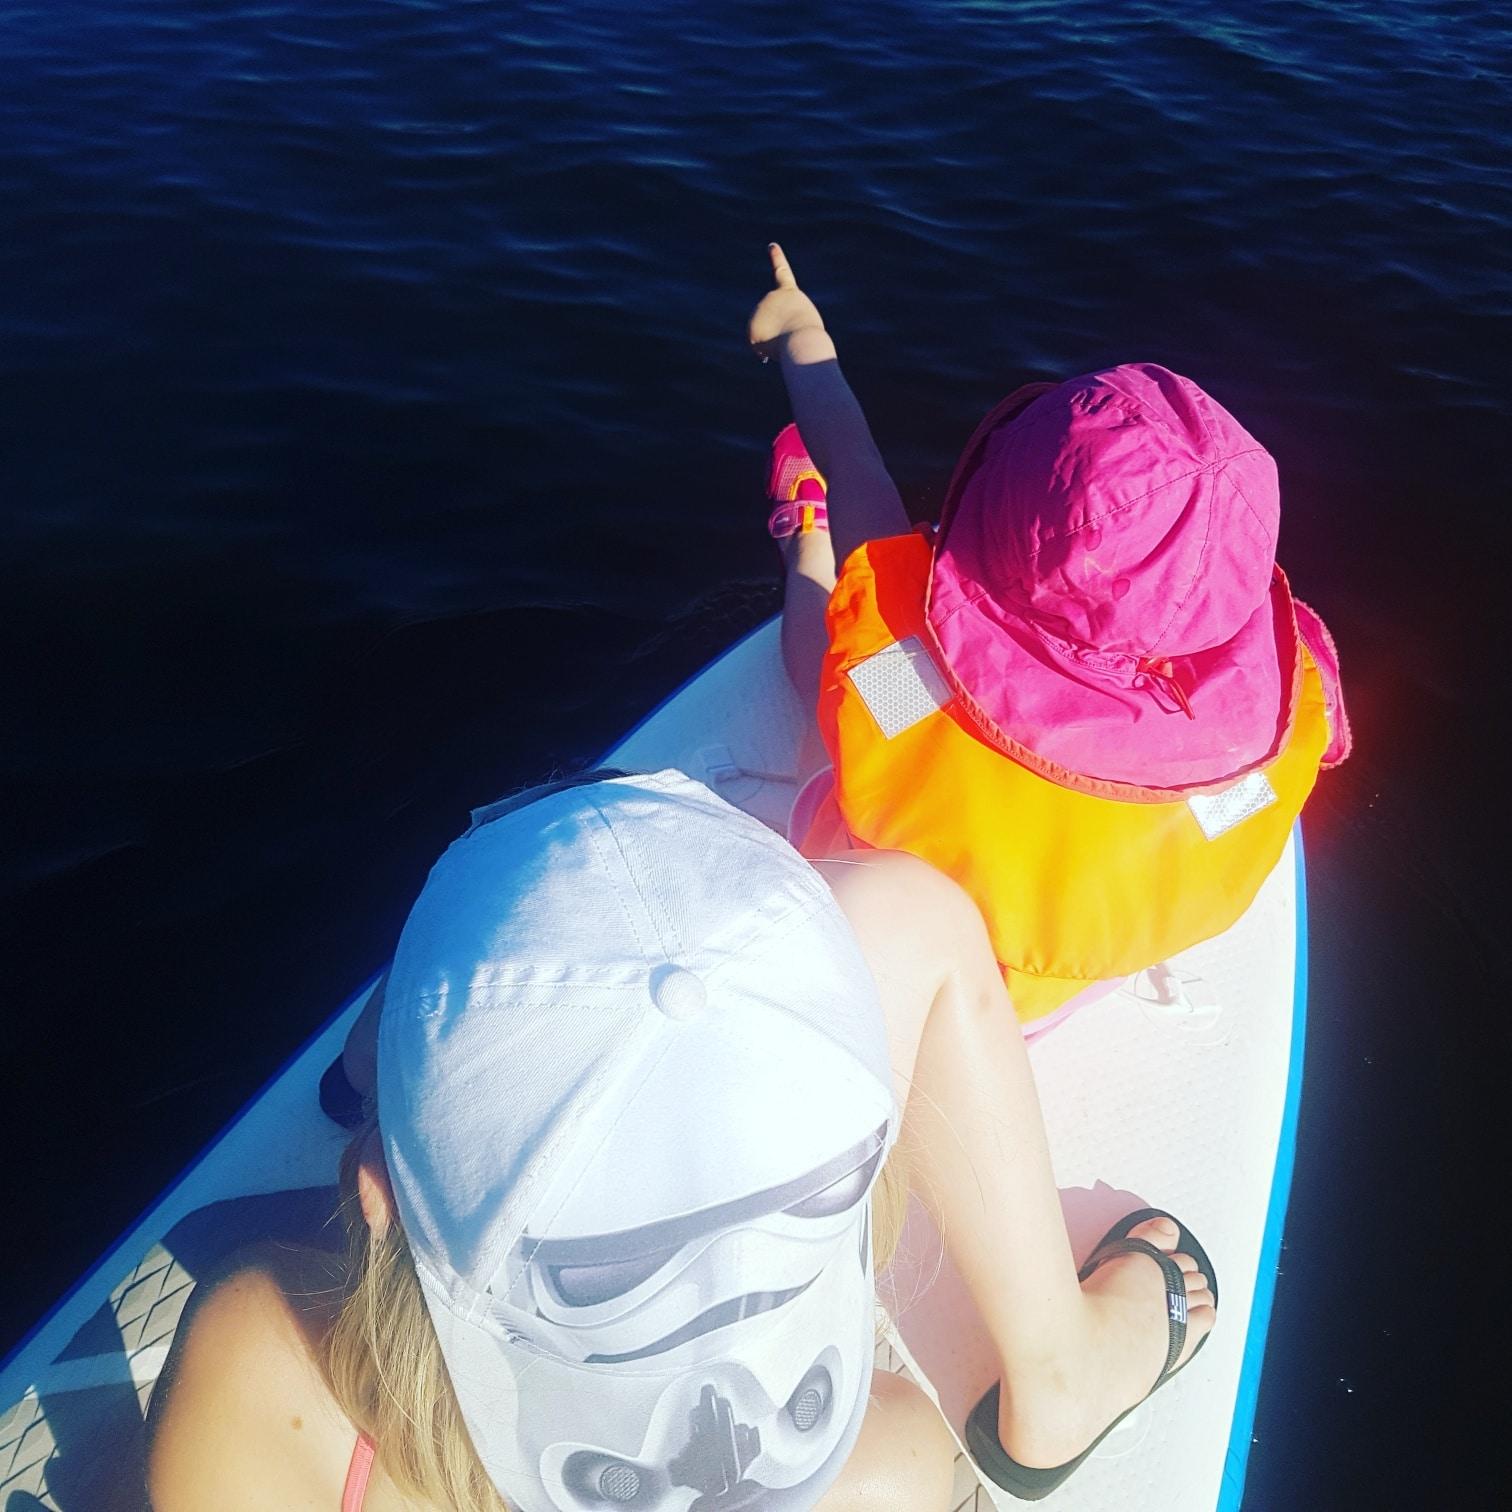 iSUP, SUP, Stand up Paddle, Paddle, Wassersport, watersport, outdoor, outdoorsport, wasser, natur, fitness, sport, sport mit kindern, draussen unterwegs